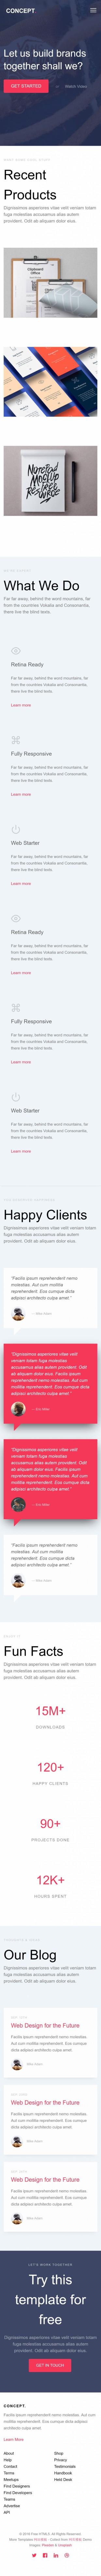 UX设计公司企业官网英文网站建设模板手机图片